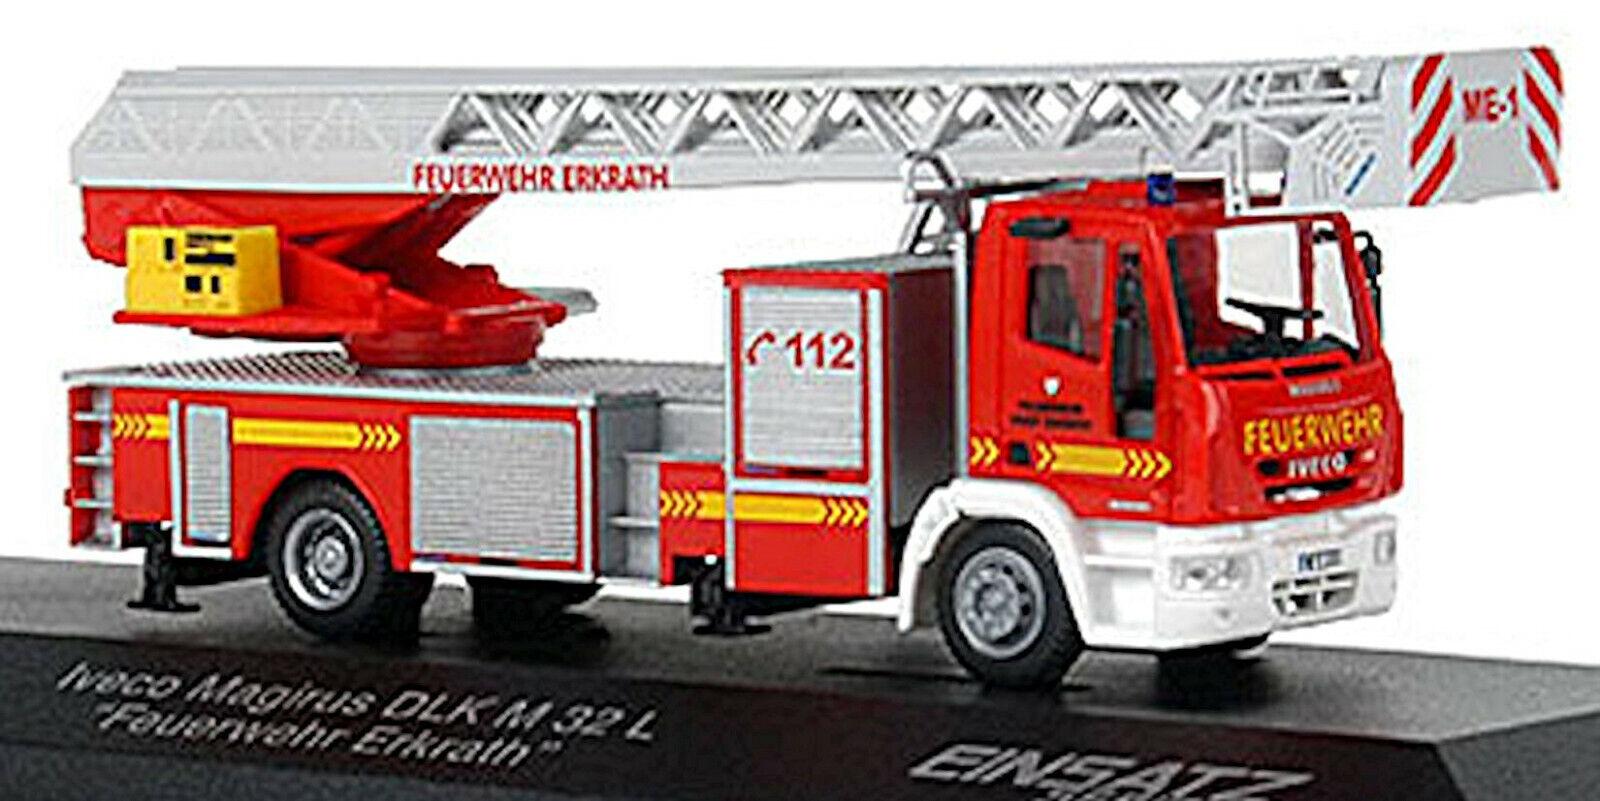 Iveco Magirus DLK M 32 L Feuerwehr Erkrath 1 87 Rietze 68518